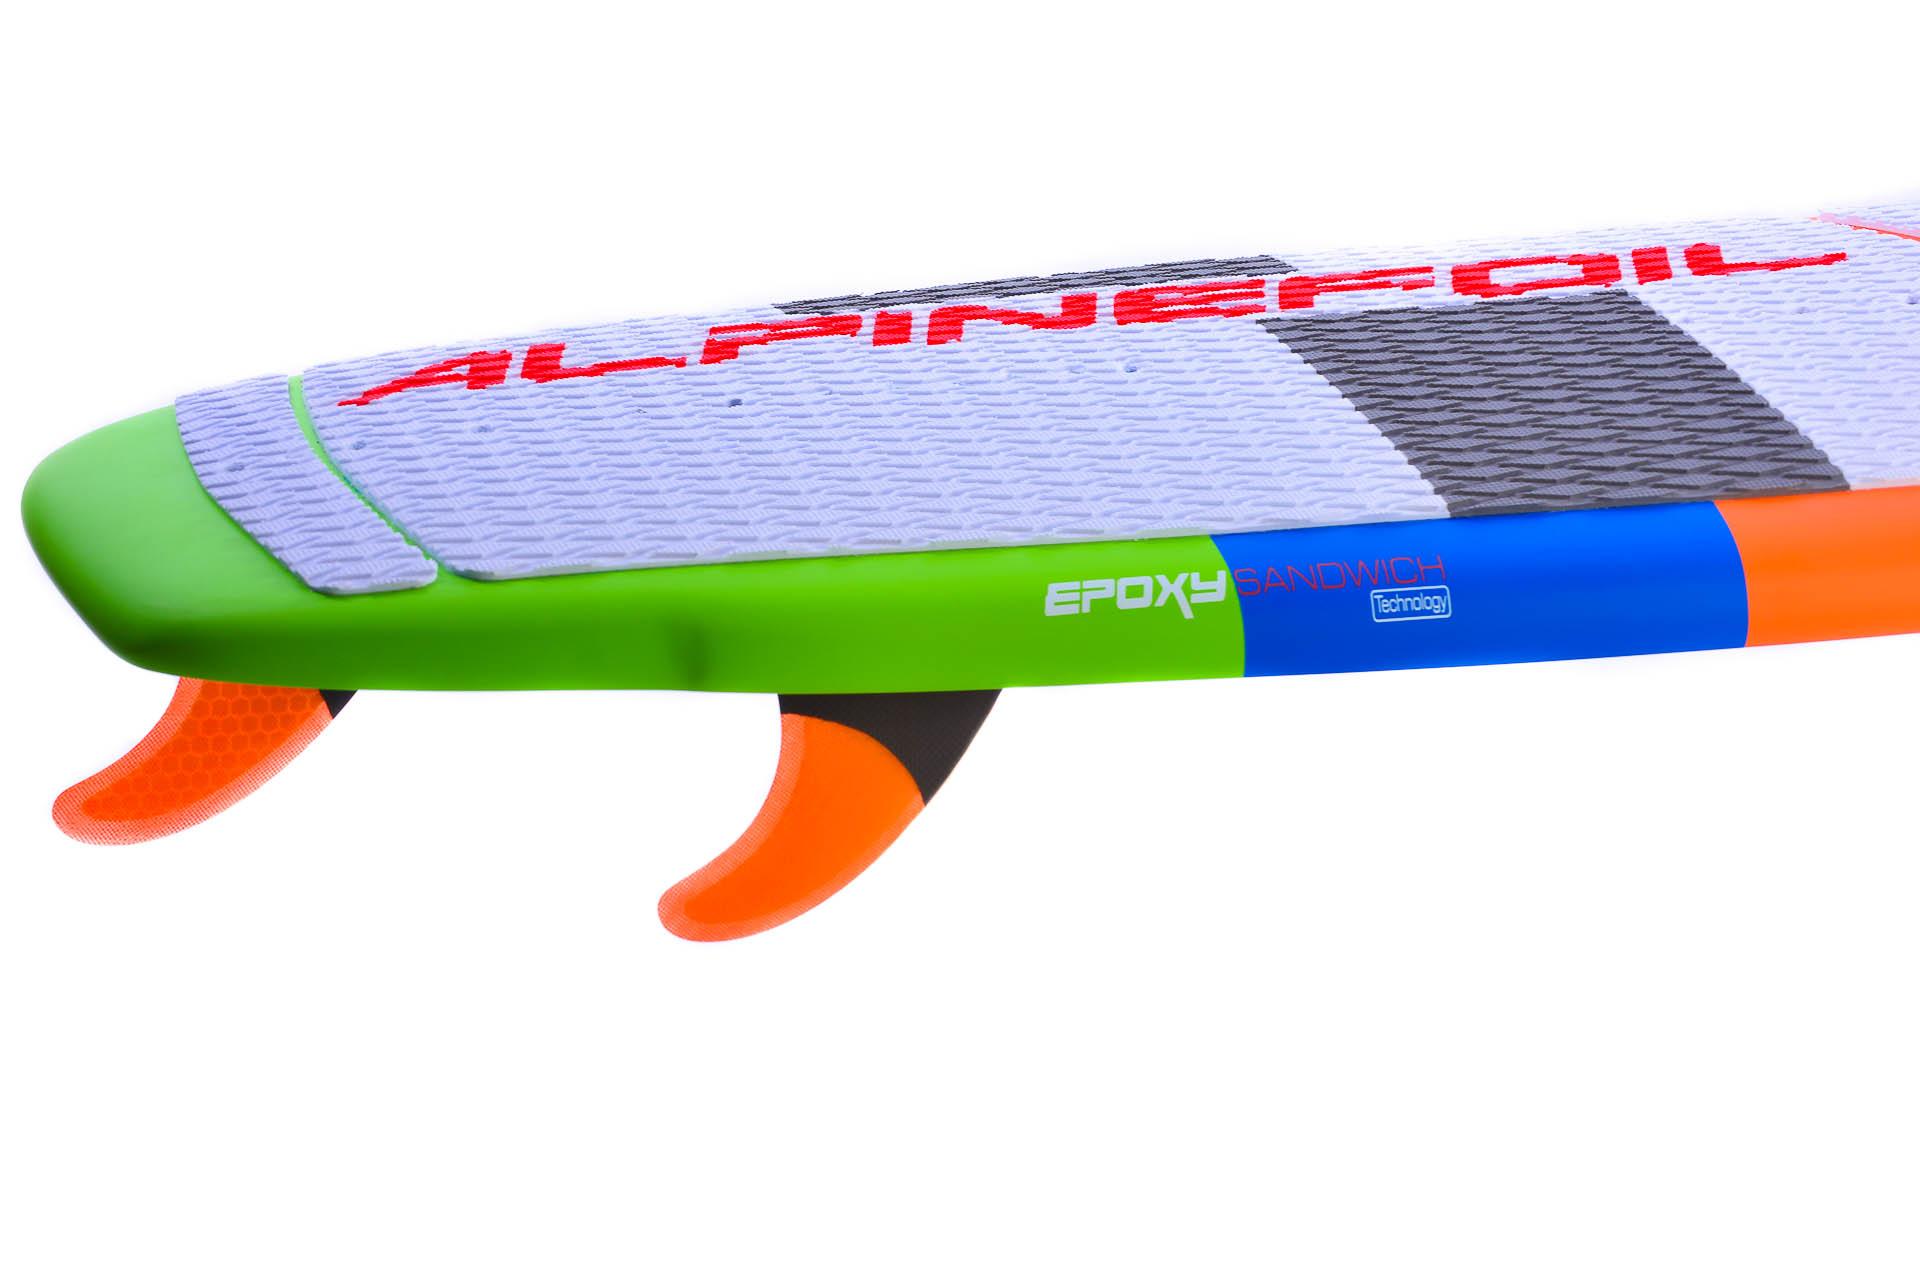 Kitefoil board alpinefoil 8929